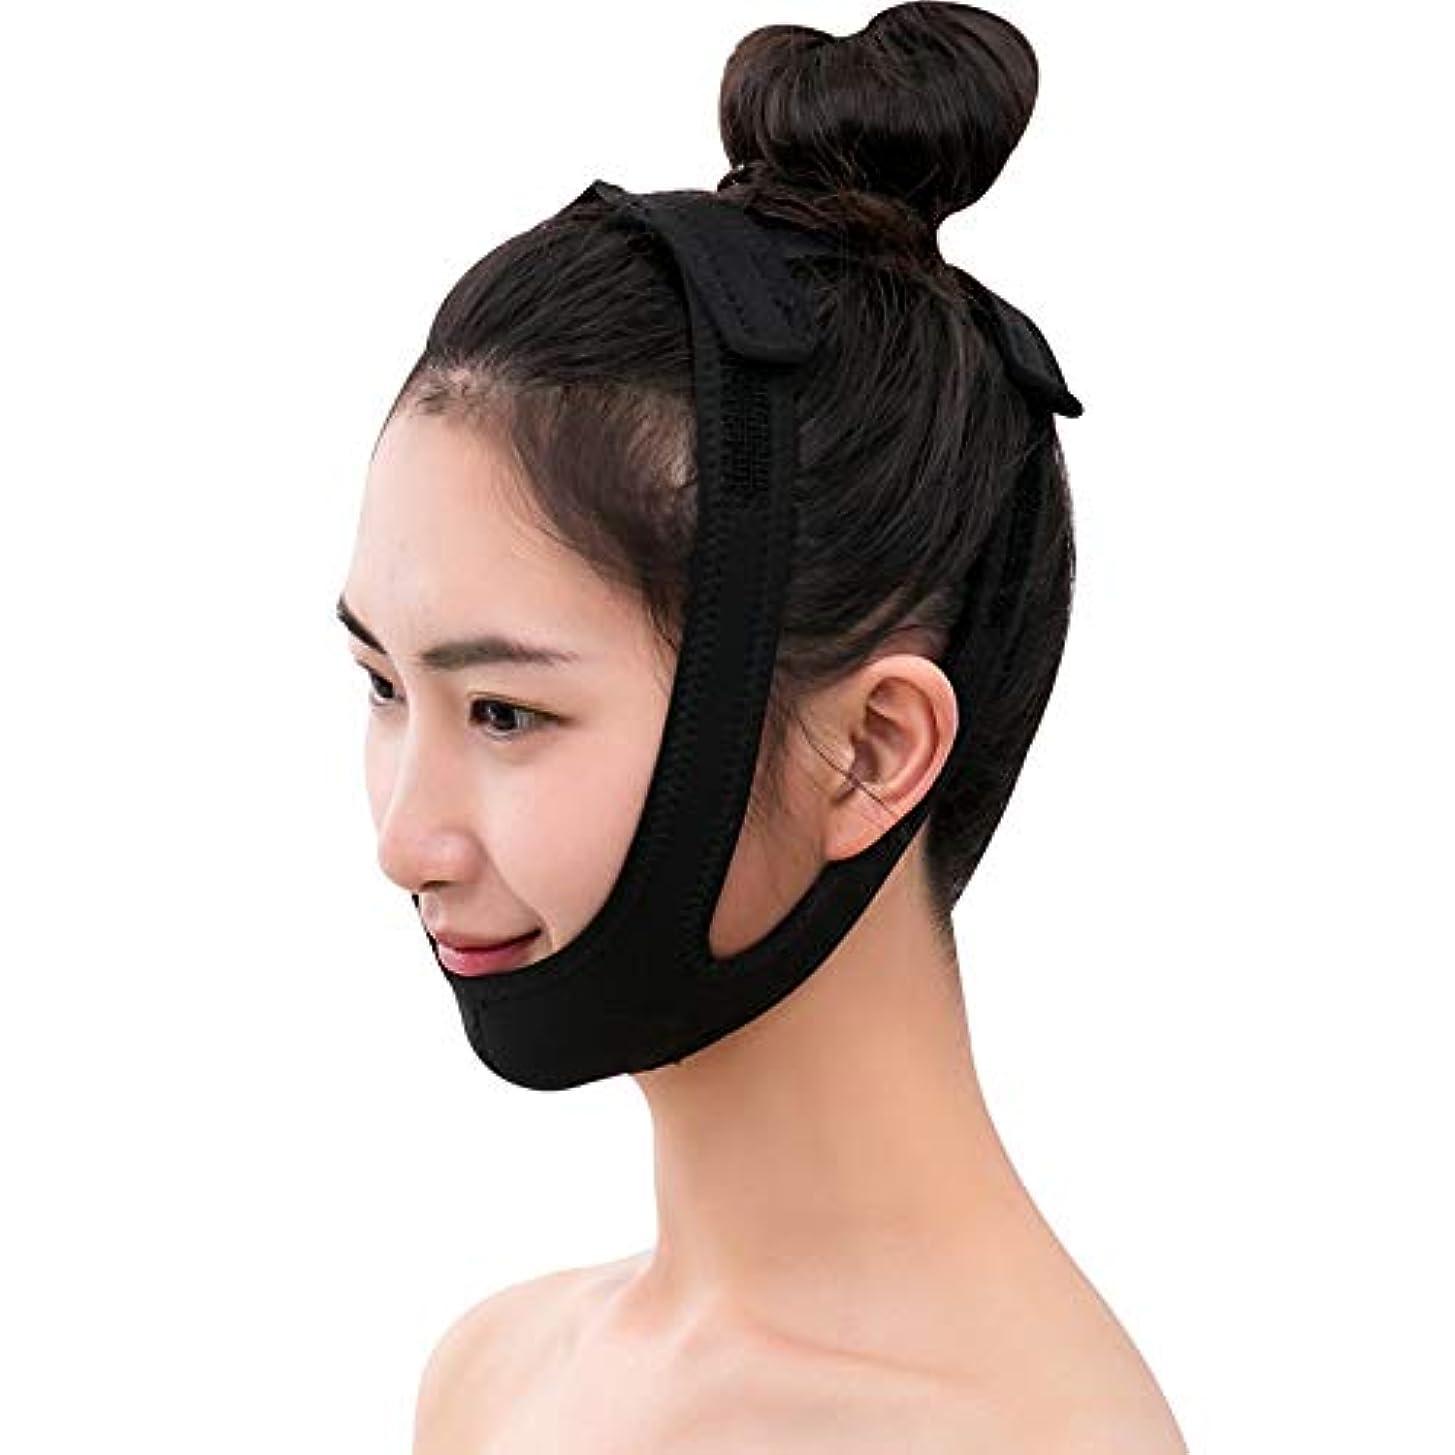 スタジアムエンドウ救い薄いフェイスバンド - 薄い顔の包帯ビューティーインストゥルメントフェイシャルリフト睡眠マスク法Vフェイスマスクの通気性を作る